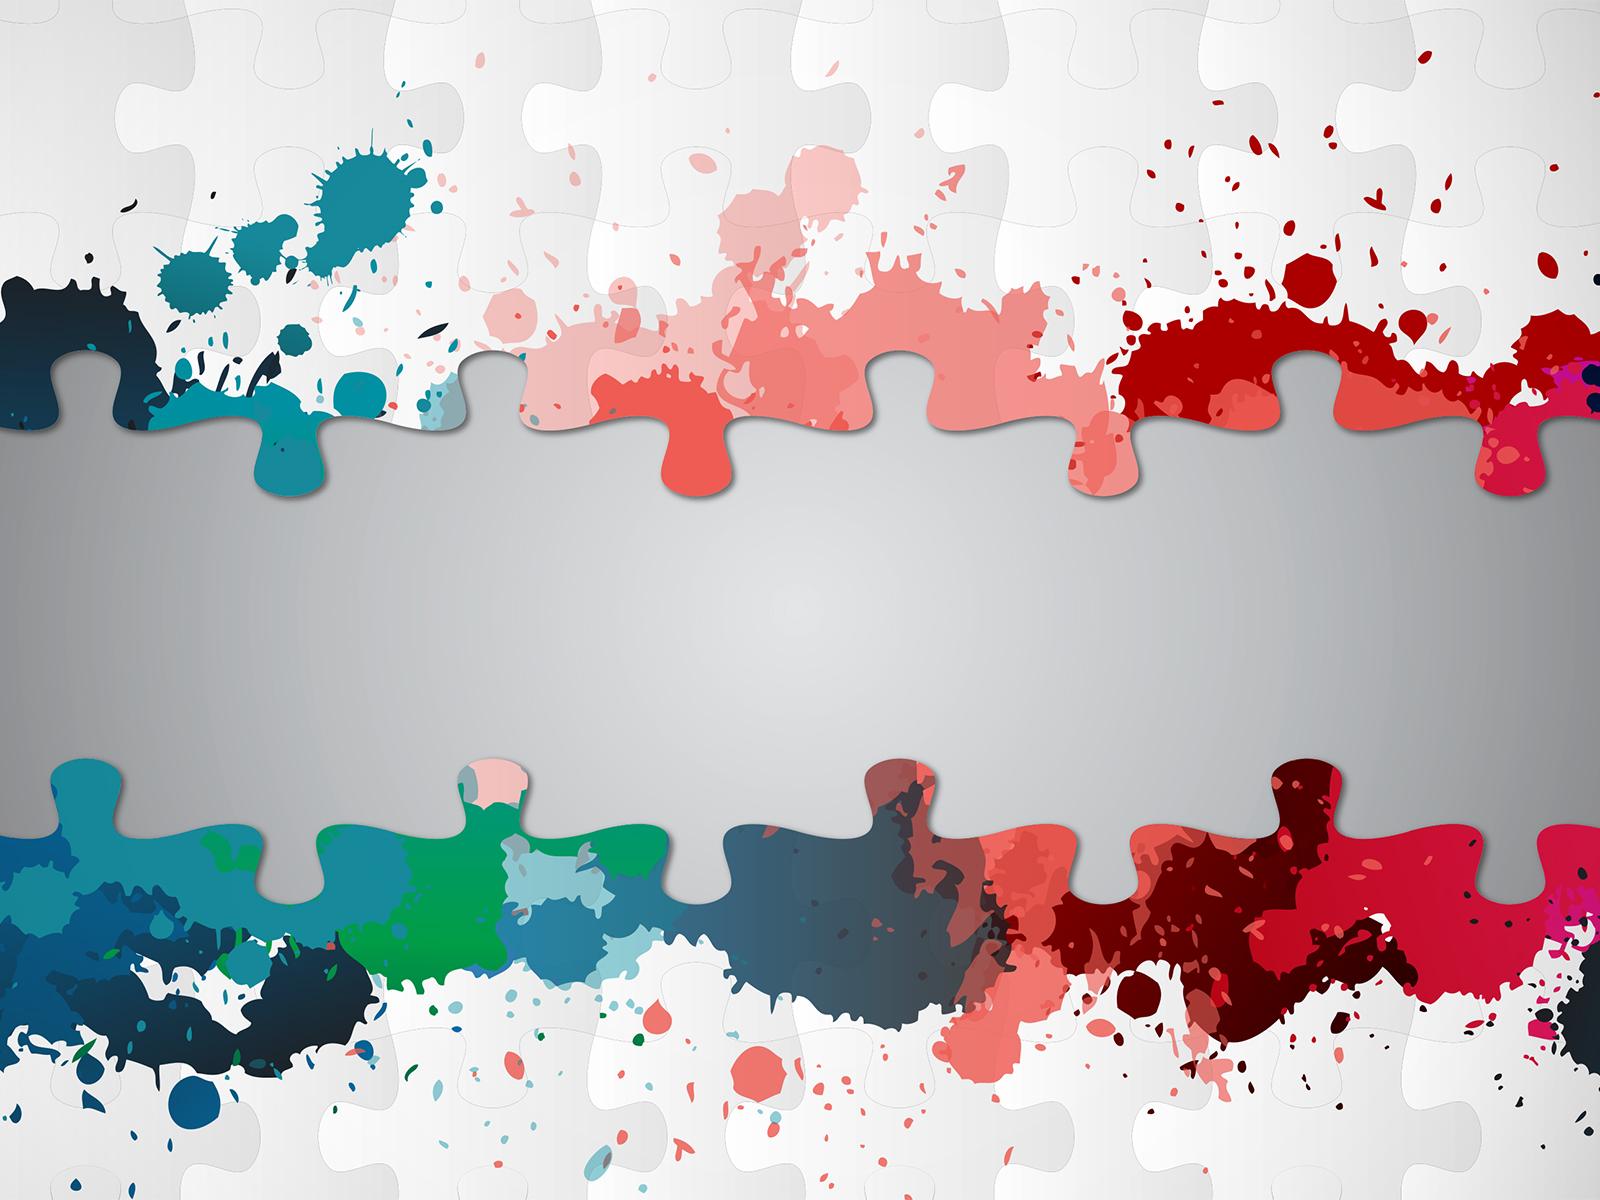 How To Splatter White Paint